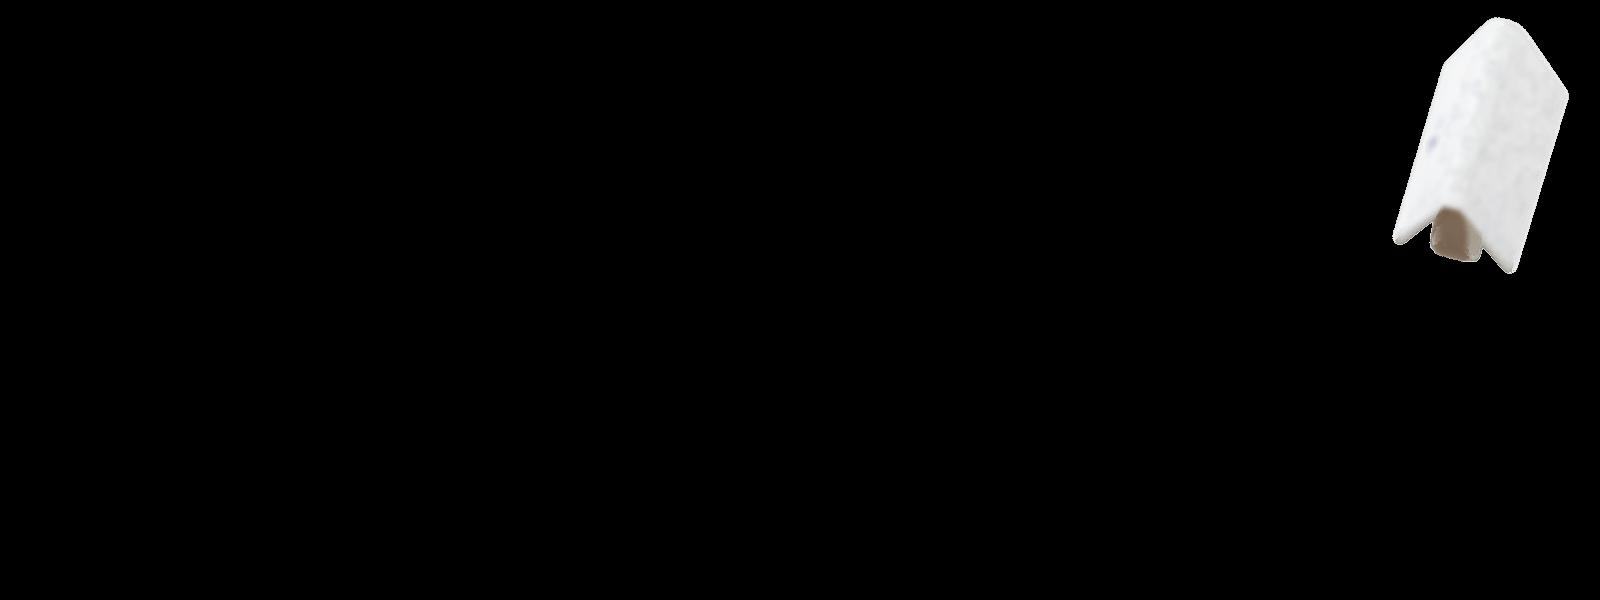 لایه اول اسلاید انجمن هنرهای نمایشی ایران، هویت بصری انجمن هنرهای نمایشی ایران، طراحی لوگو، طراحی لوگوتایپ، شرکت تبلیغاتی الف، طراحی هویت بصری